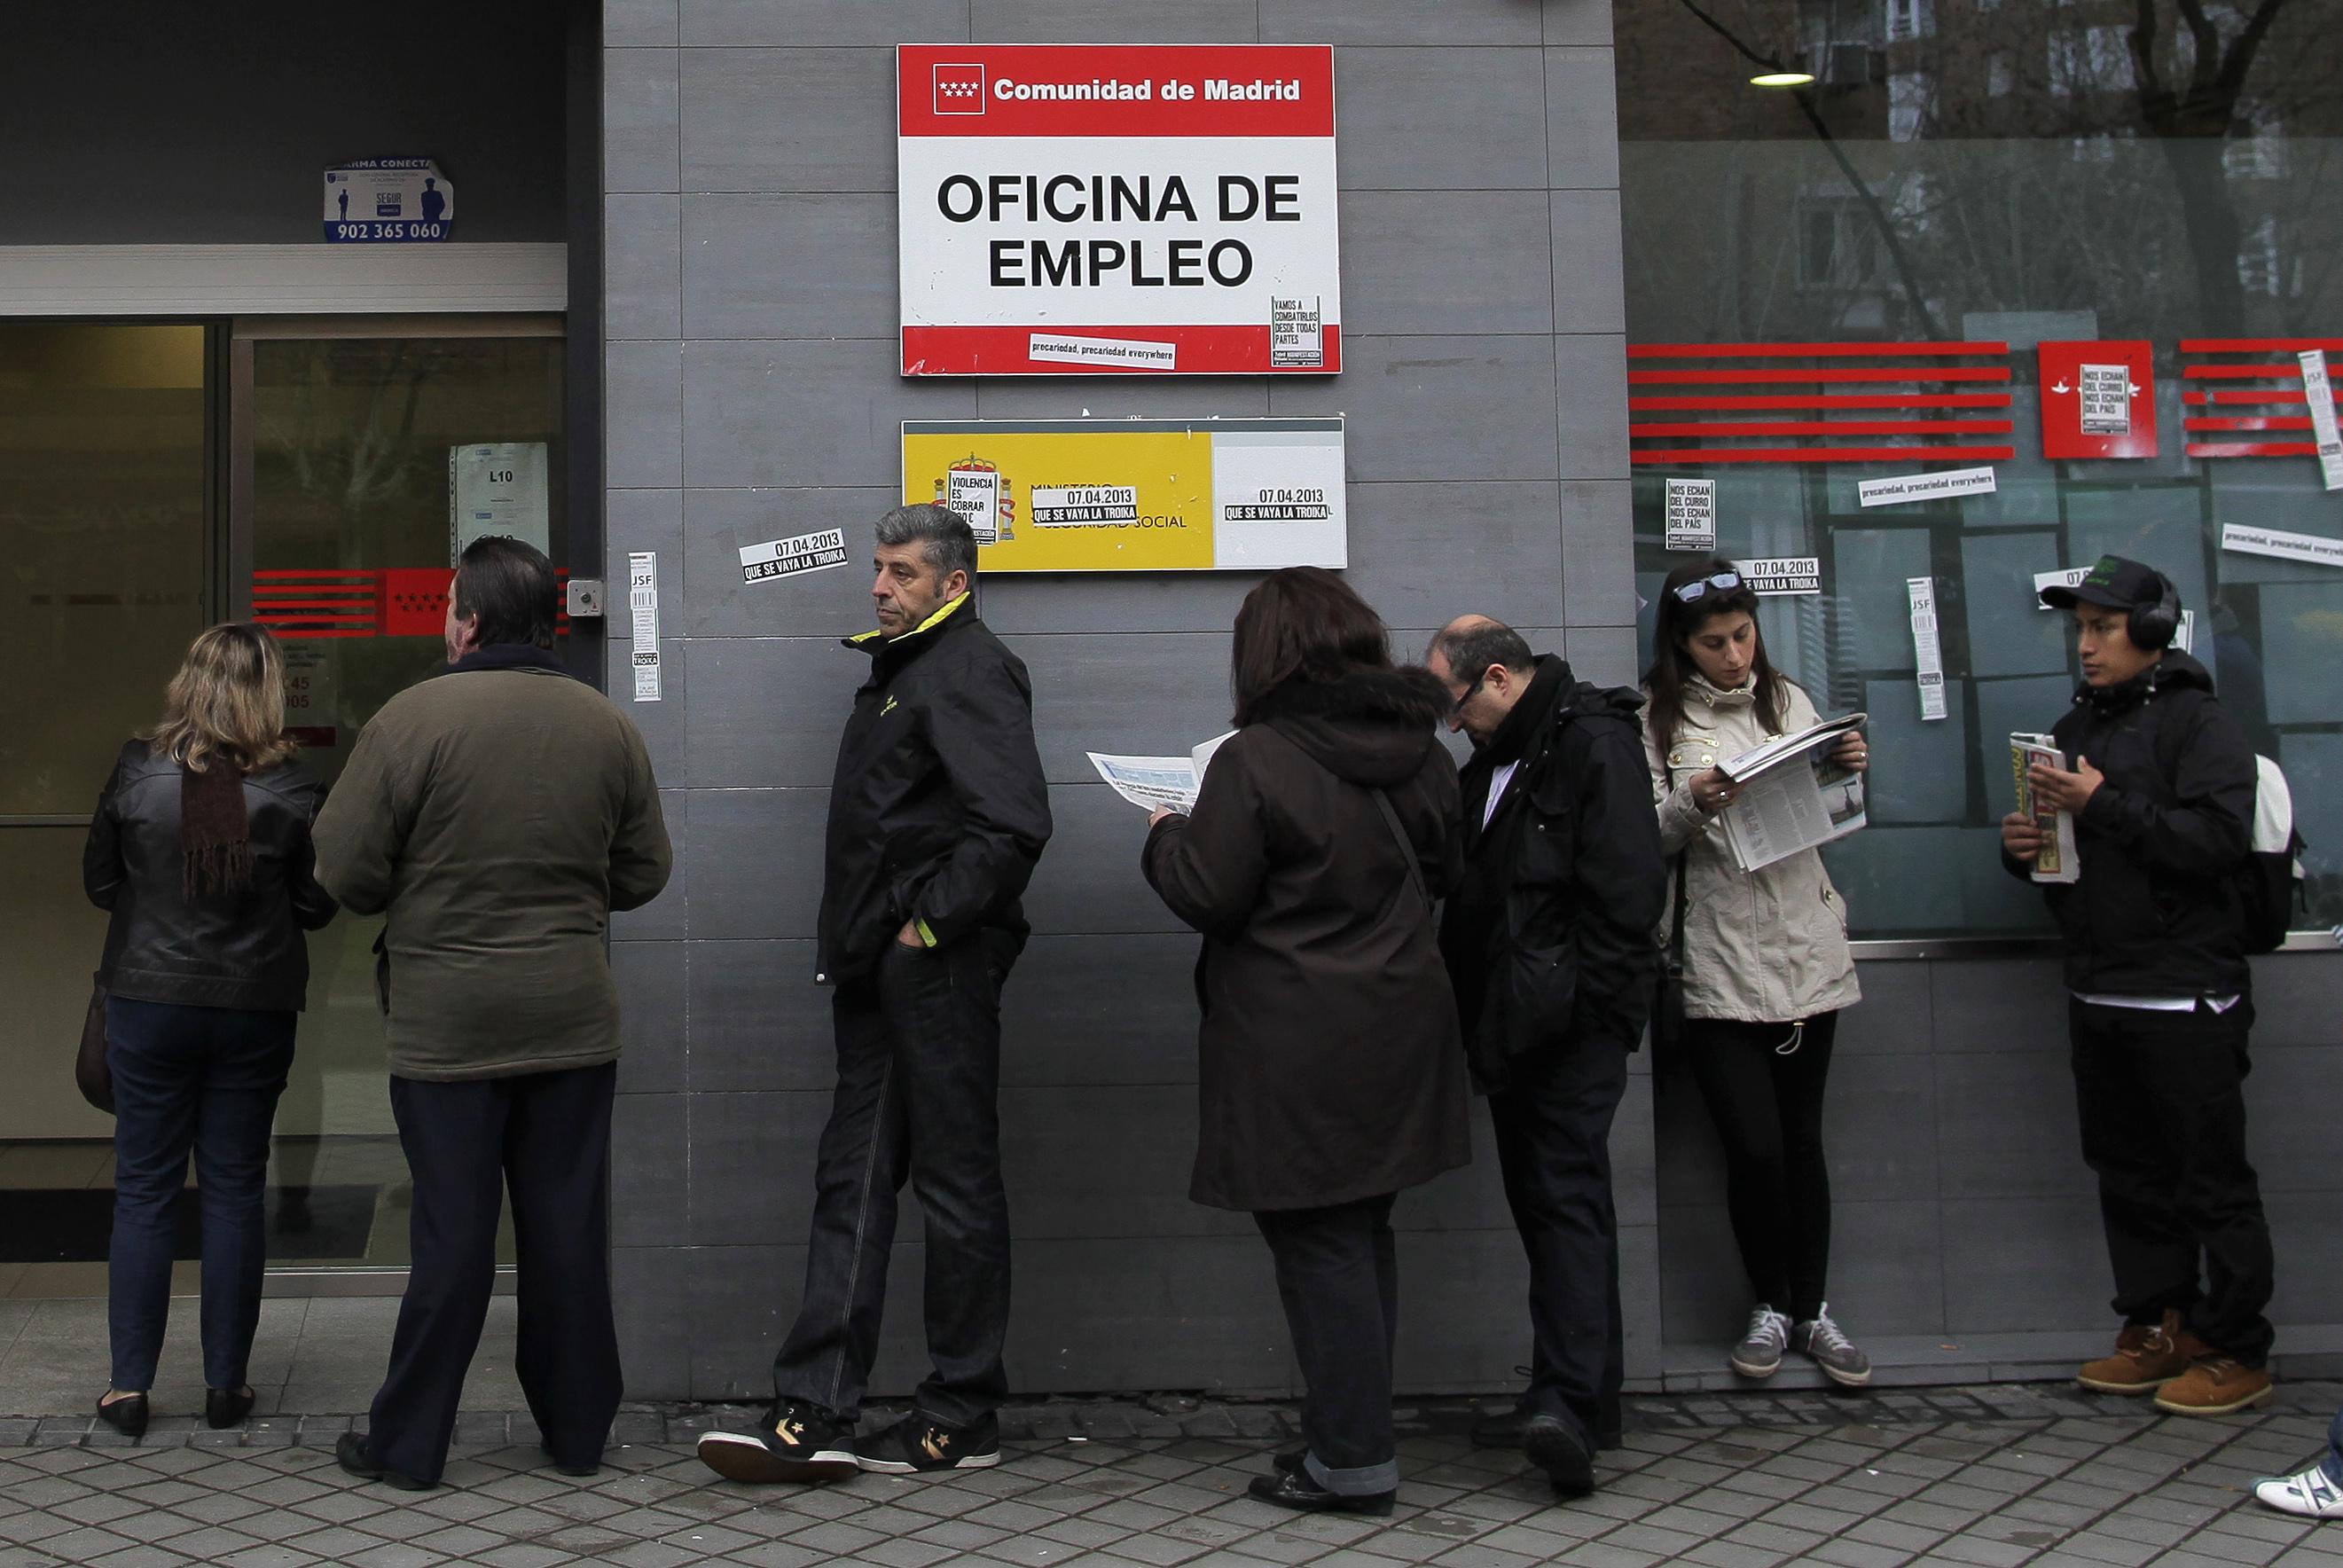 los analistas respaldan las previsiones de reducción del desempleo hasta 2015